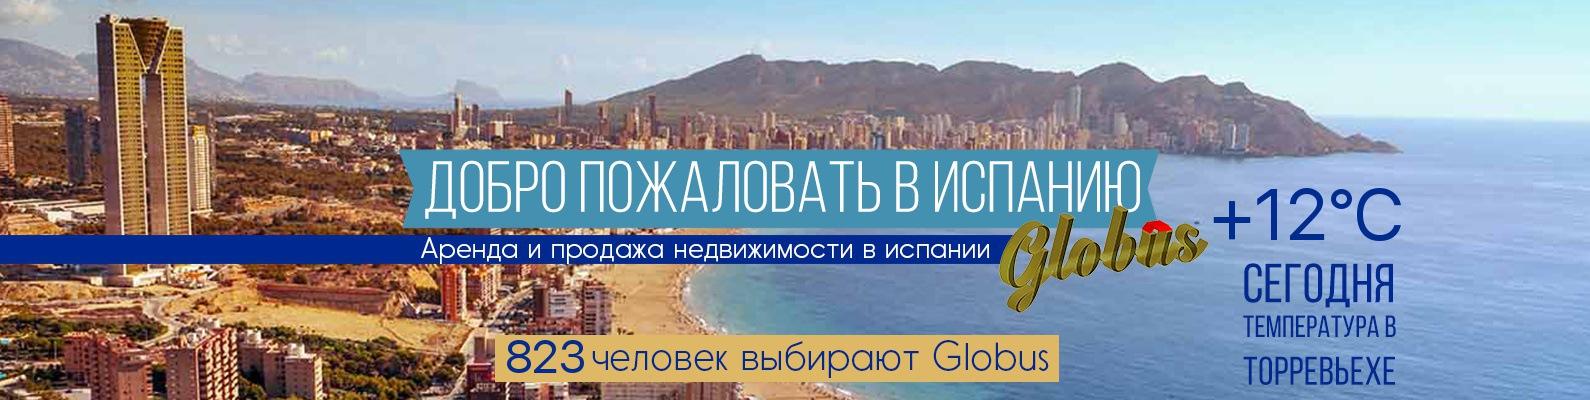 Недвижимость испании глобус